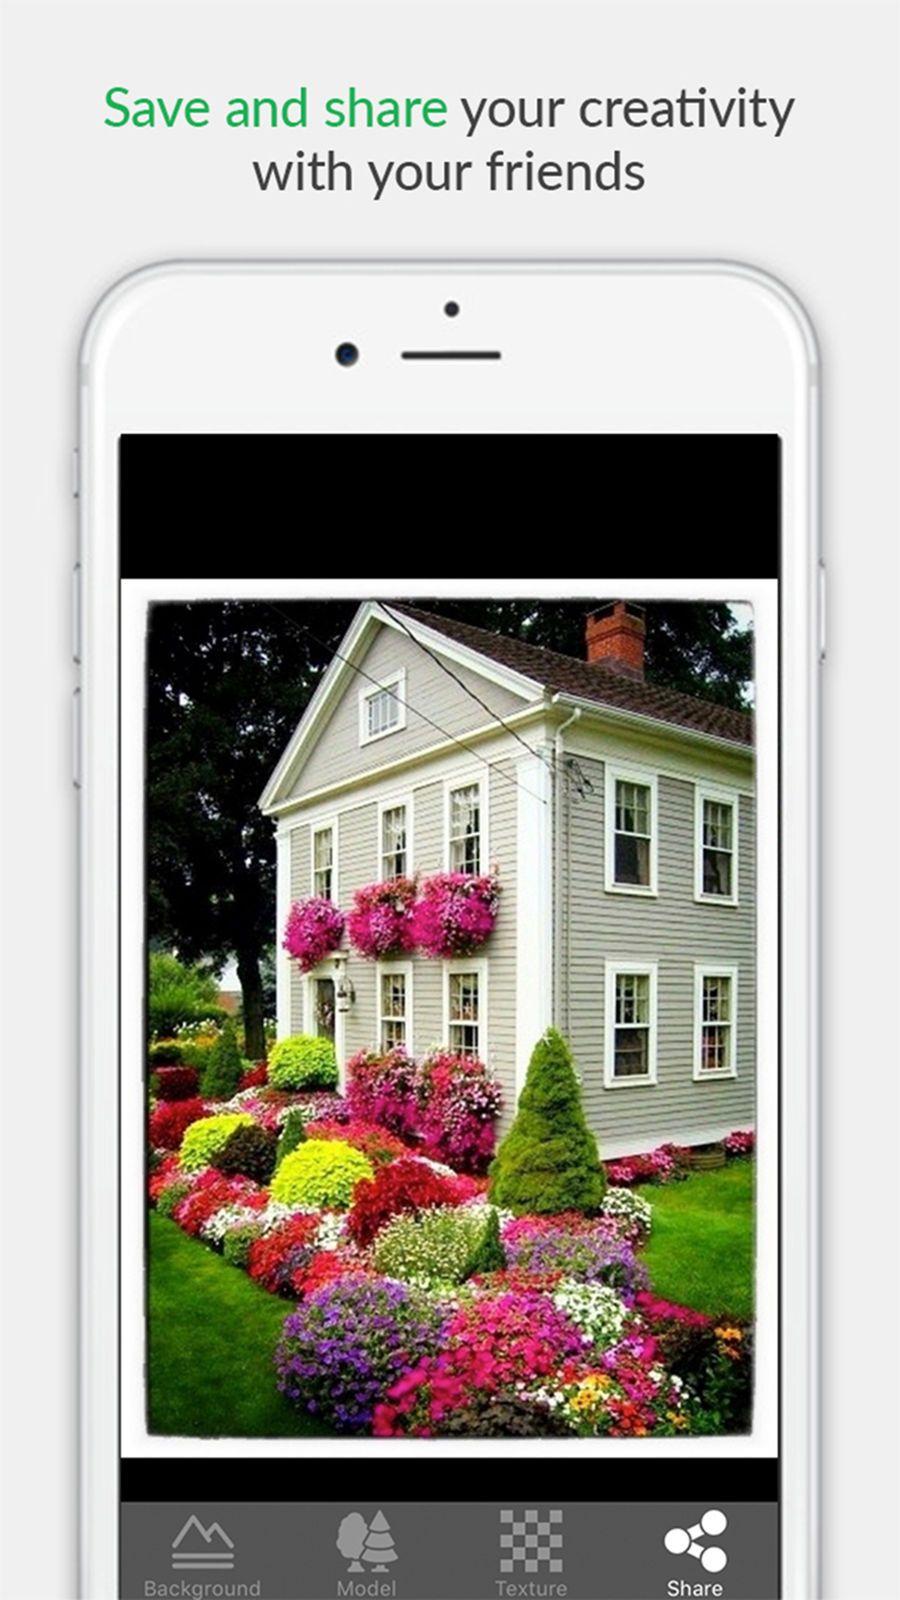 Room Lighting Design Software: Landscape Design- Home Decor, Flower Garden Design